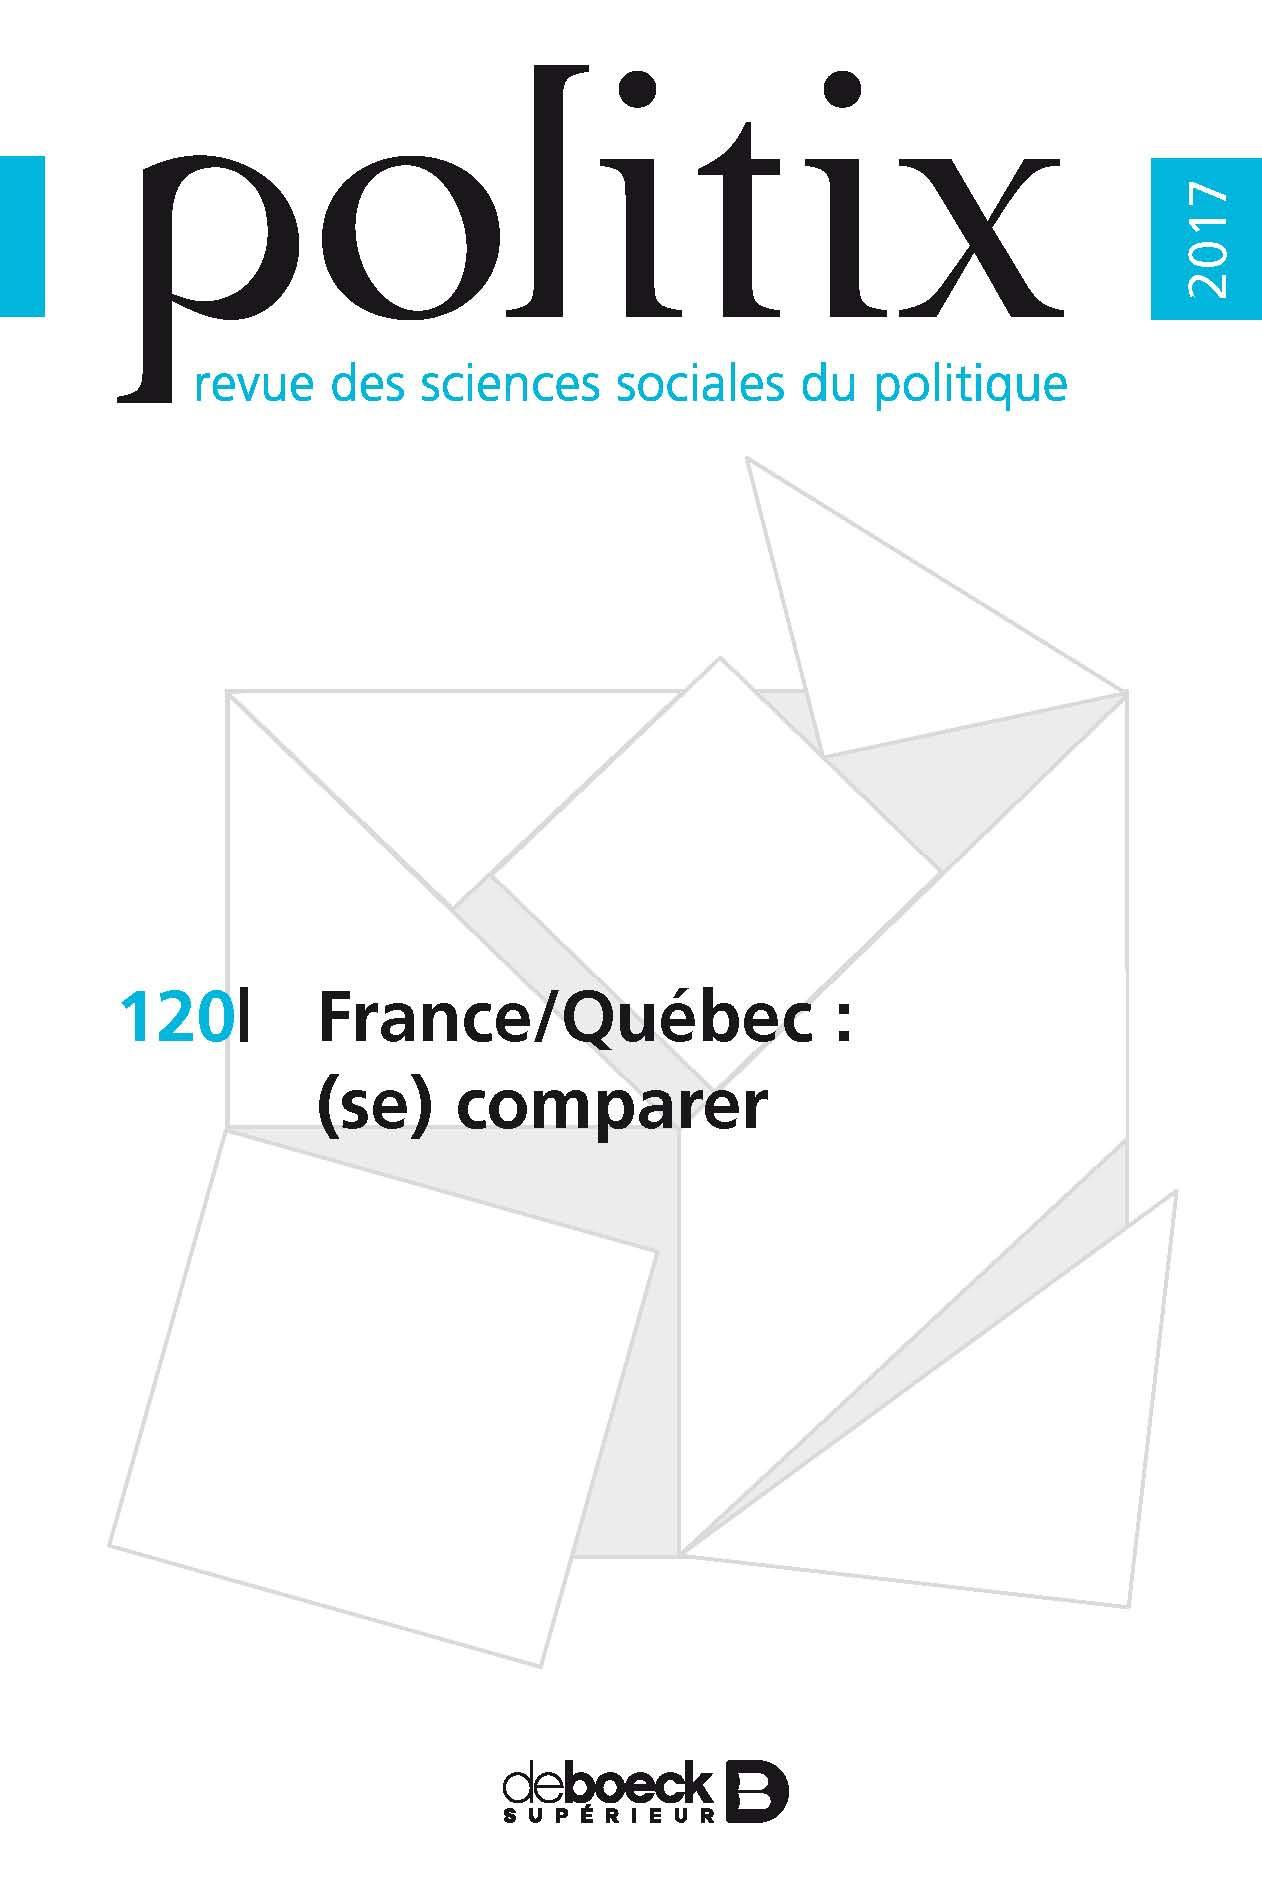 France/Québec : (se) comparer